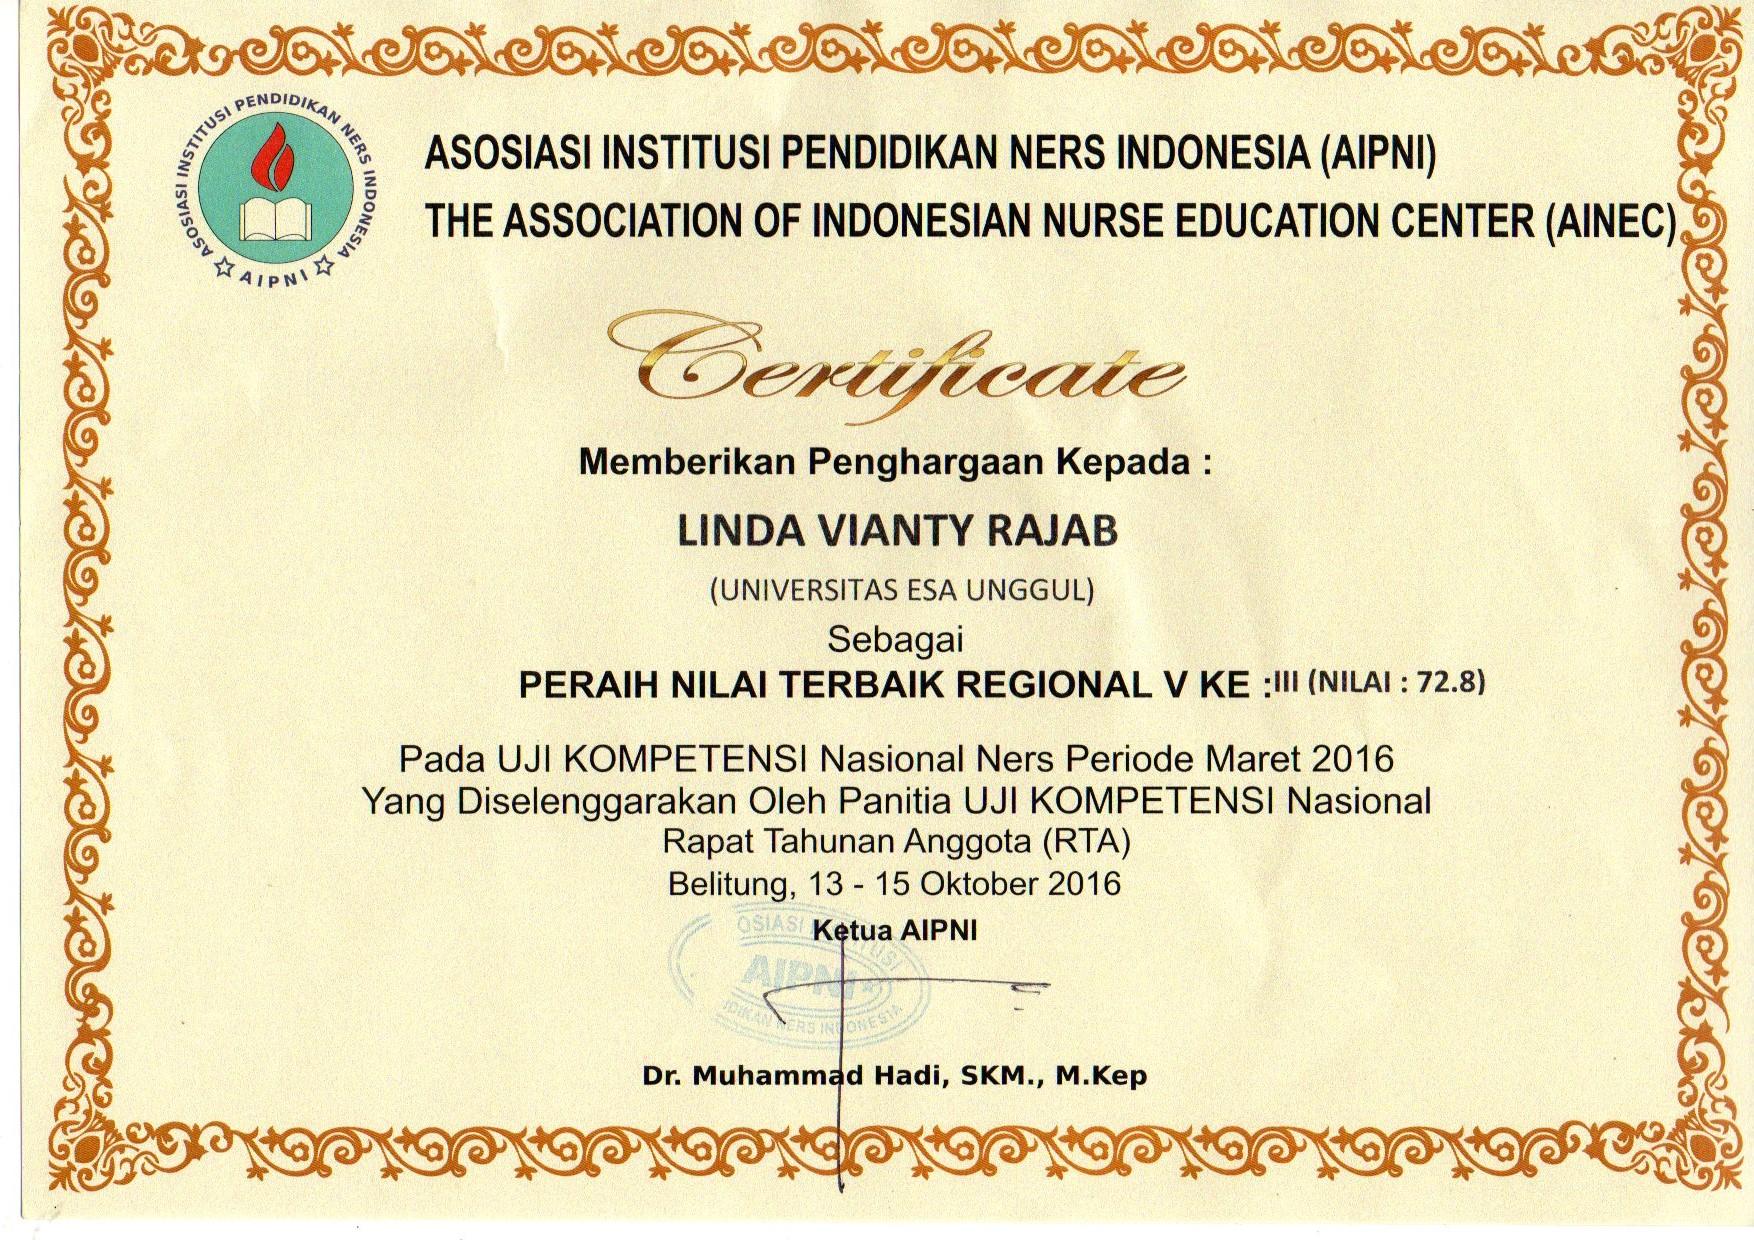 Sertifikat peraih nilai terbaik KETIGA Uji Kompetensi Nasional Ners Priode Maret 2016